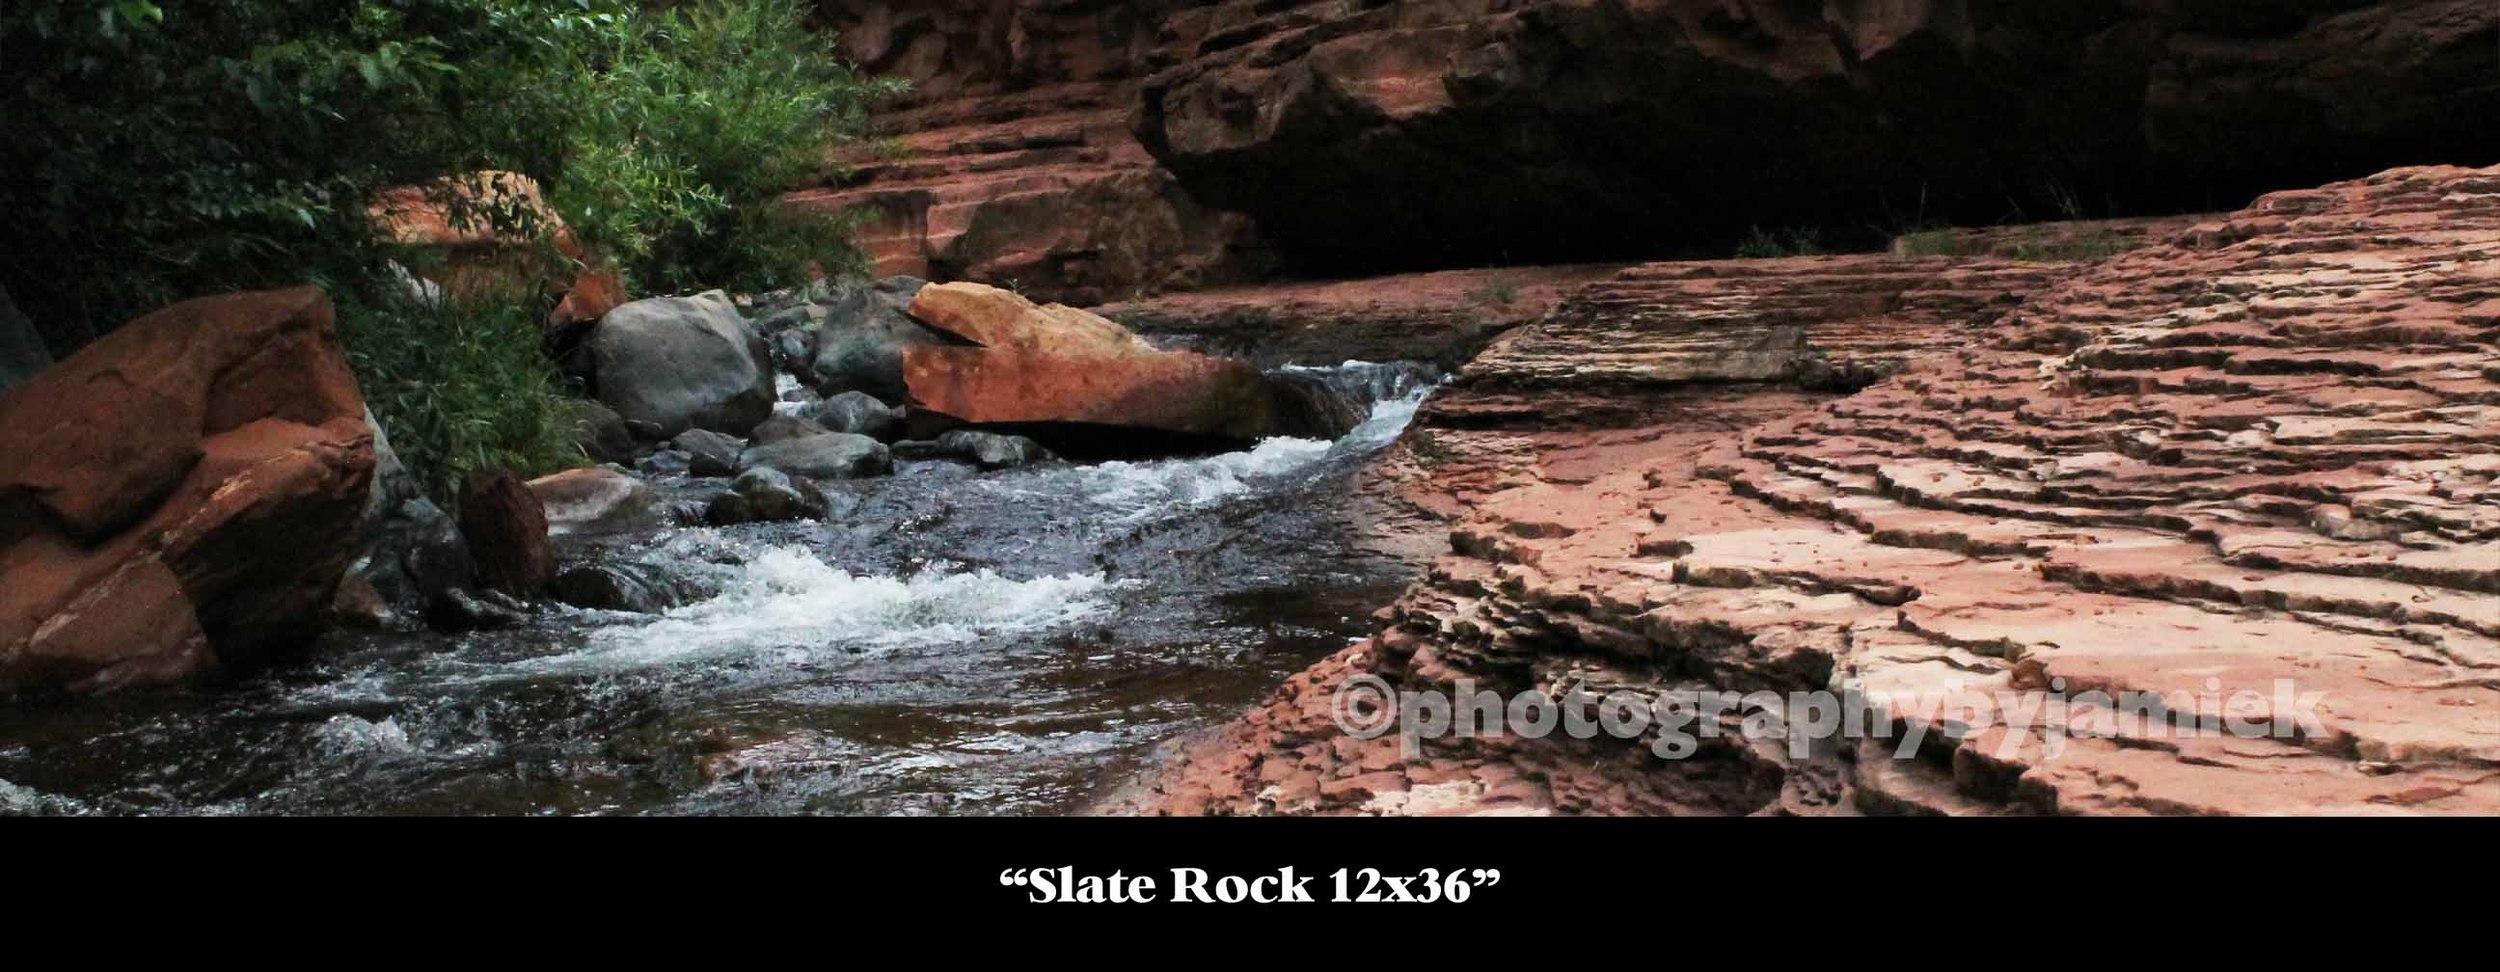 Slate Rock 12x36.jpg